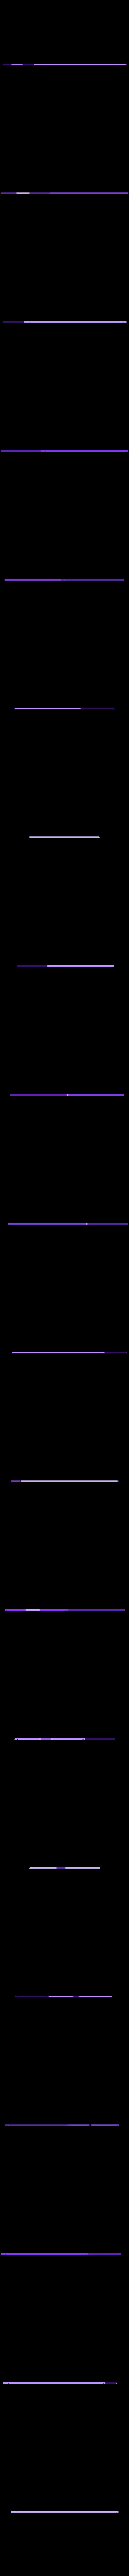 pokedex_adjusted2_FacePlate_1_2.stl Télécharger fichier STL gratuit Pokedex • Modèle pour impression 3D, reakain